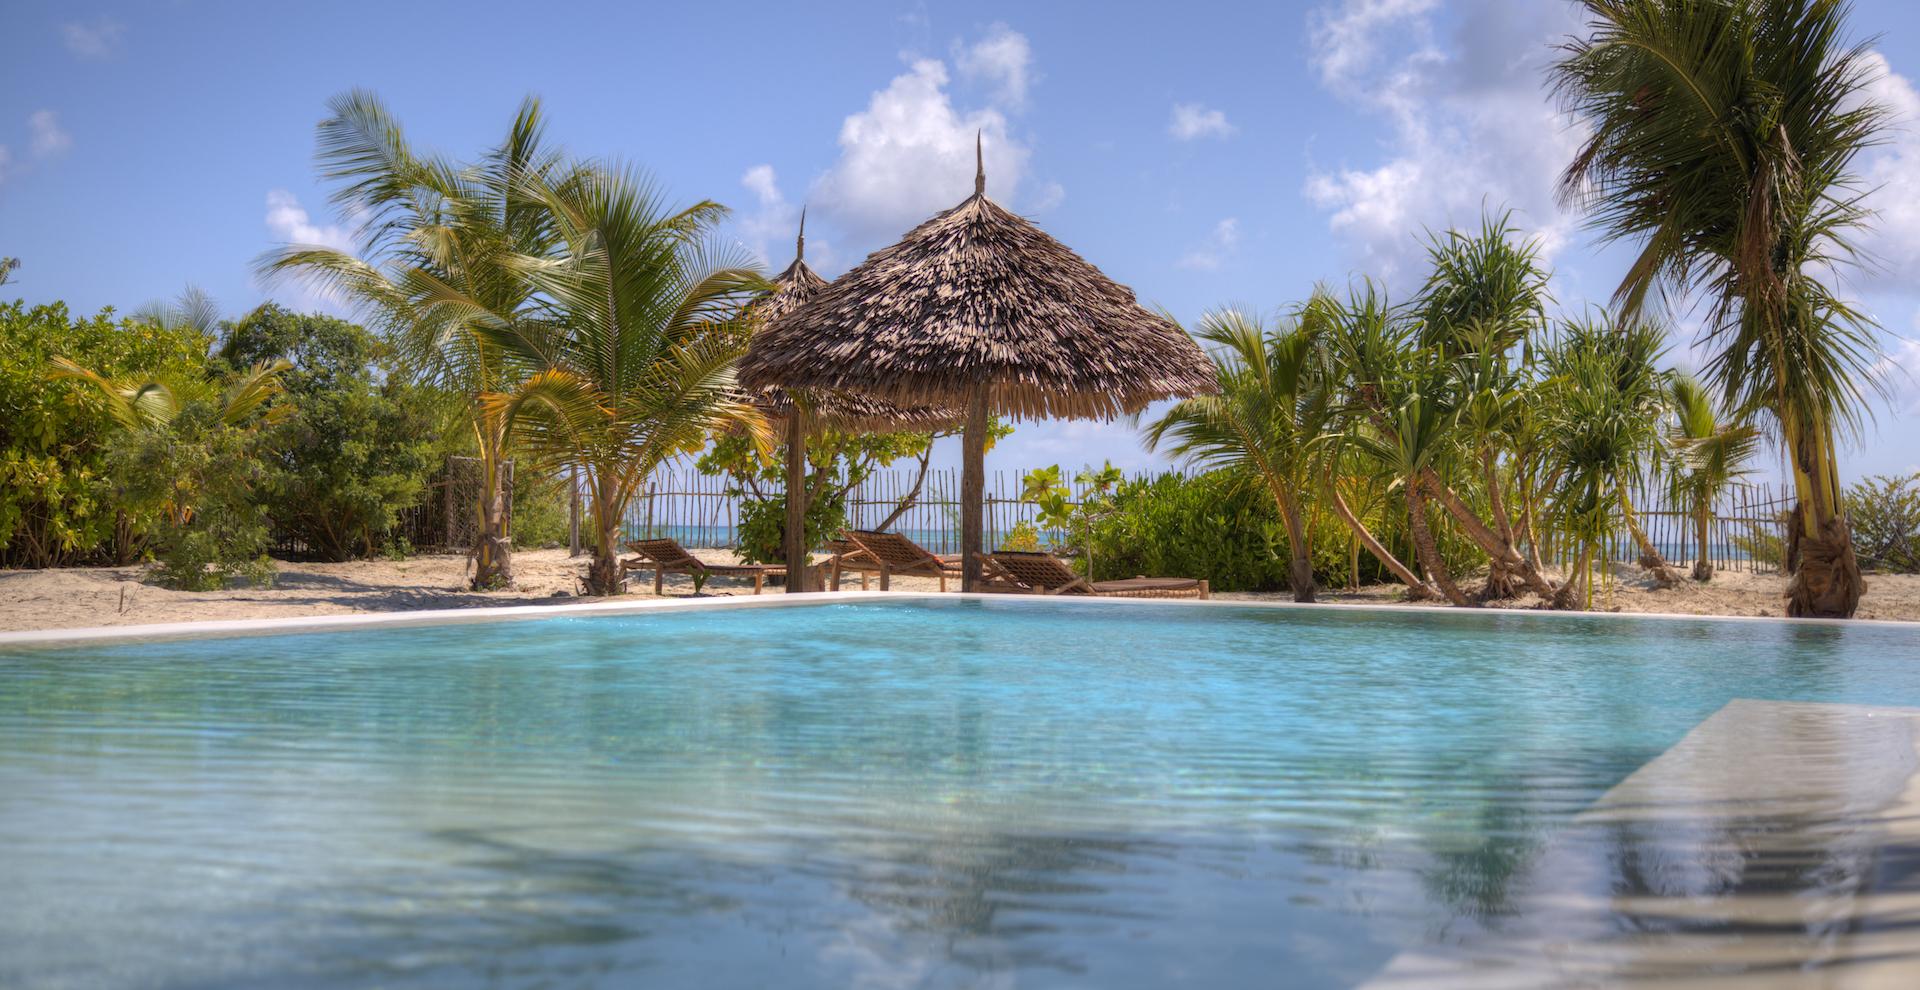 Mwezi Boutique Resort swimming pool